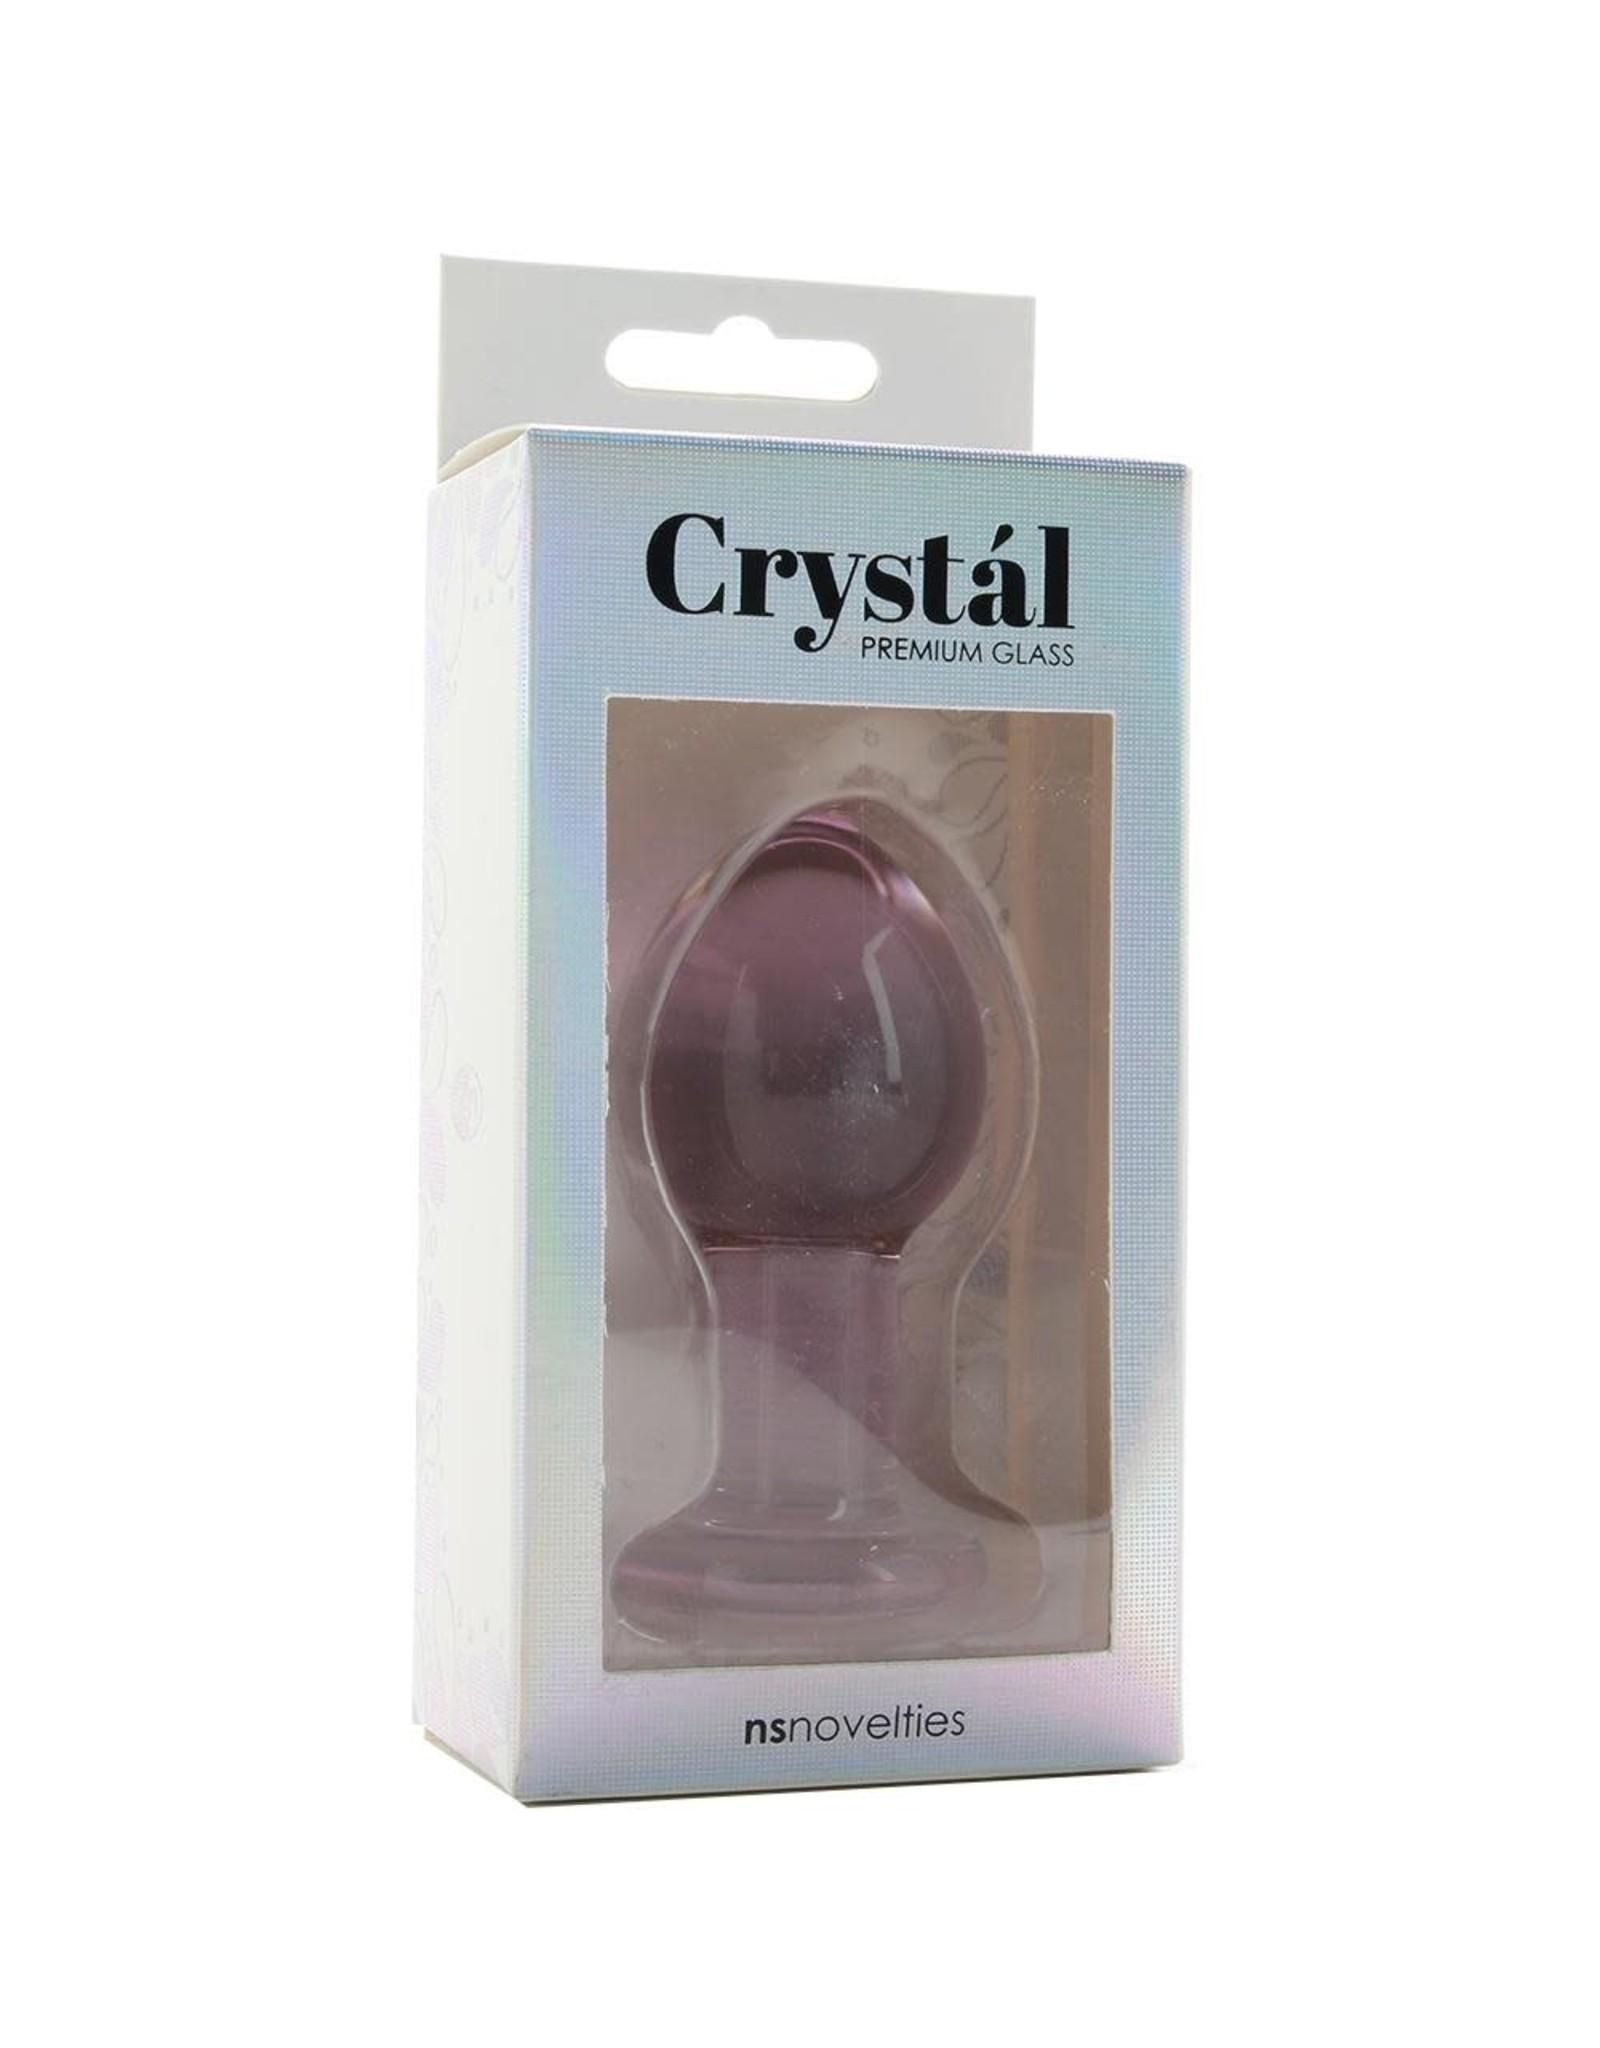 NS - CRYSTAL PREMIUM GLASS PLUG - MEDUIM - PURPLE